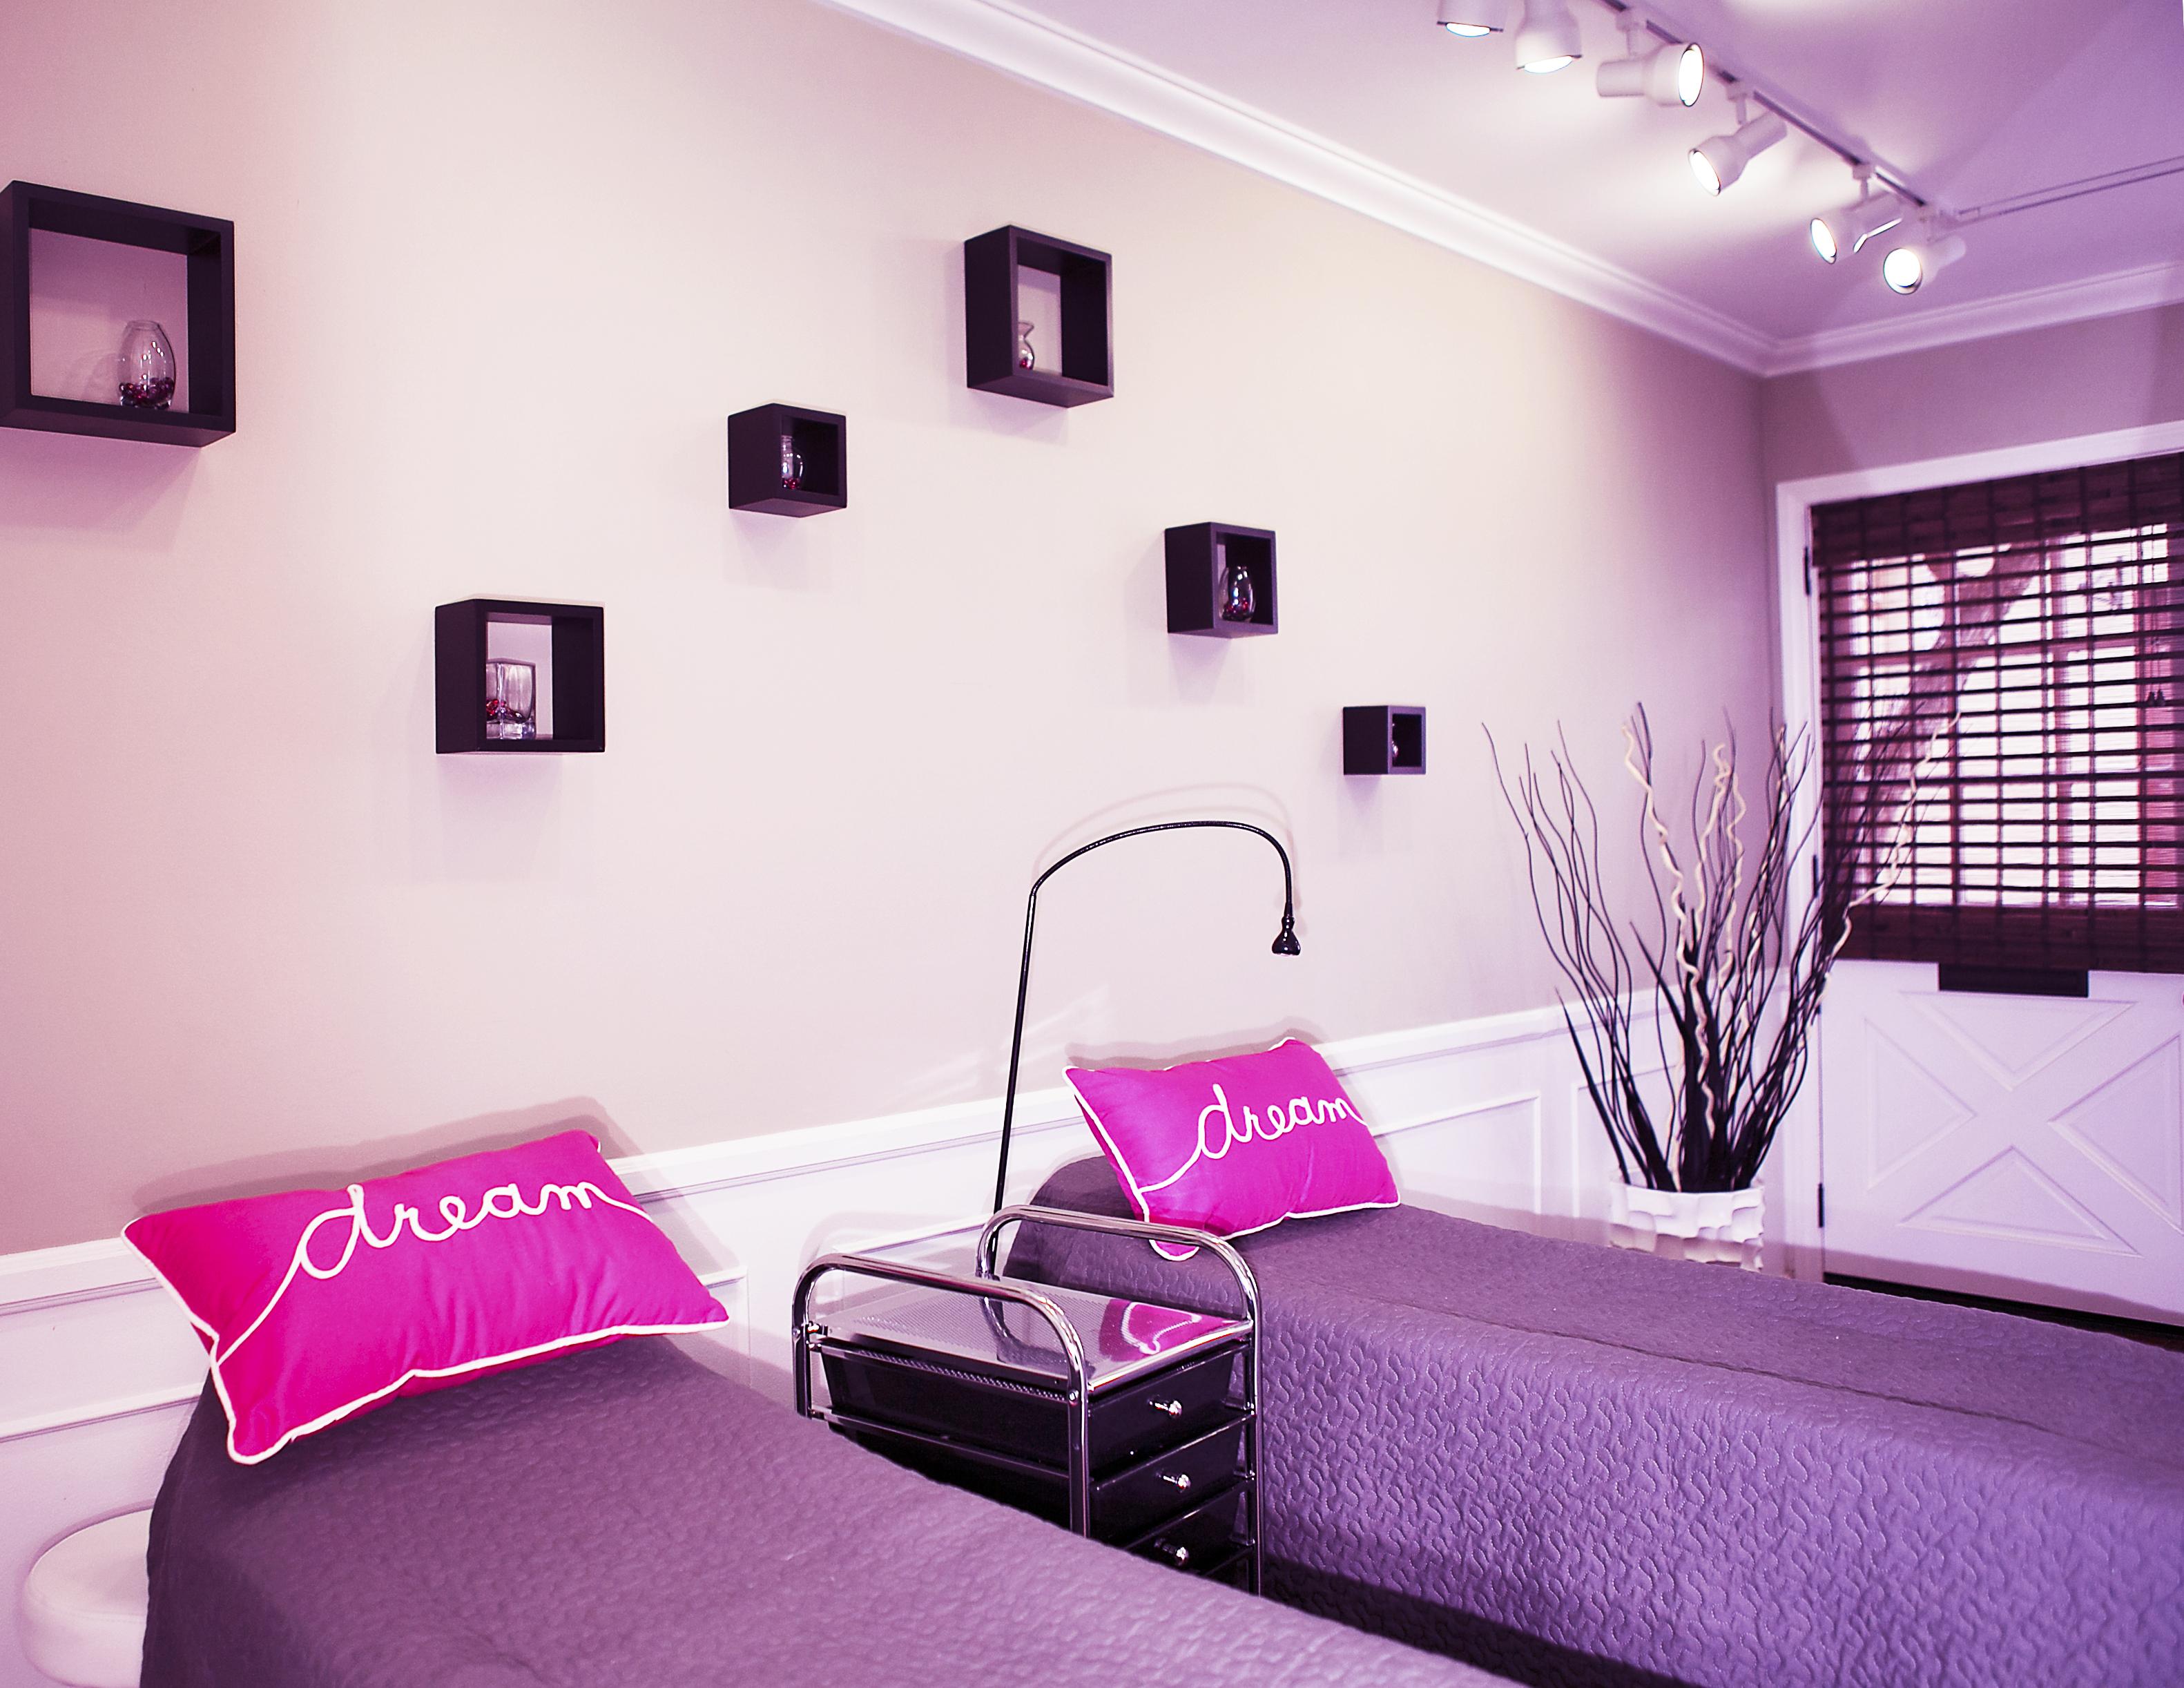 Beds.Pink